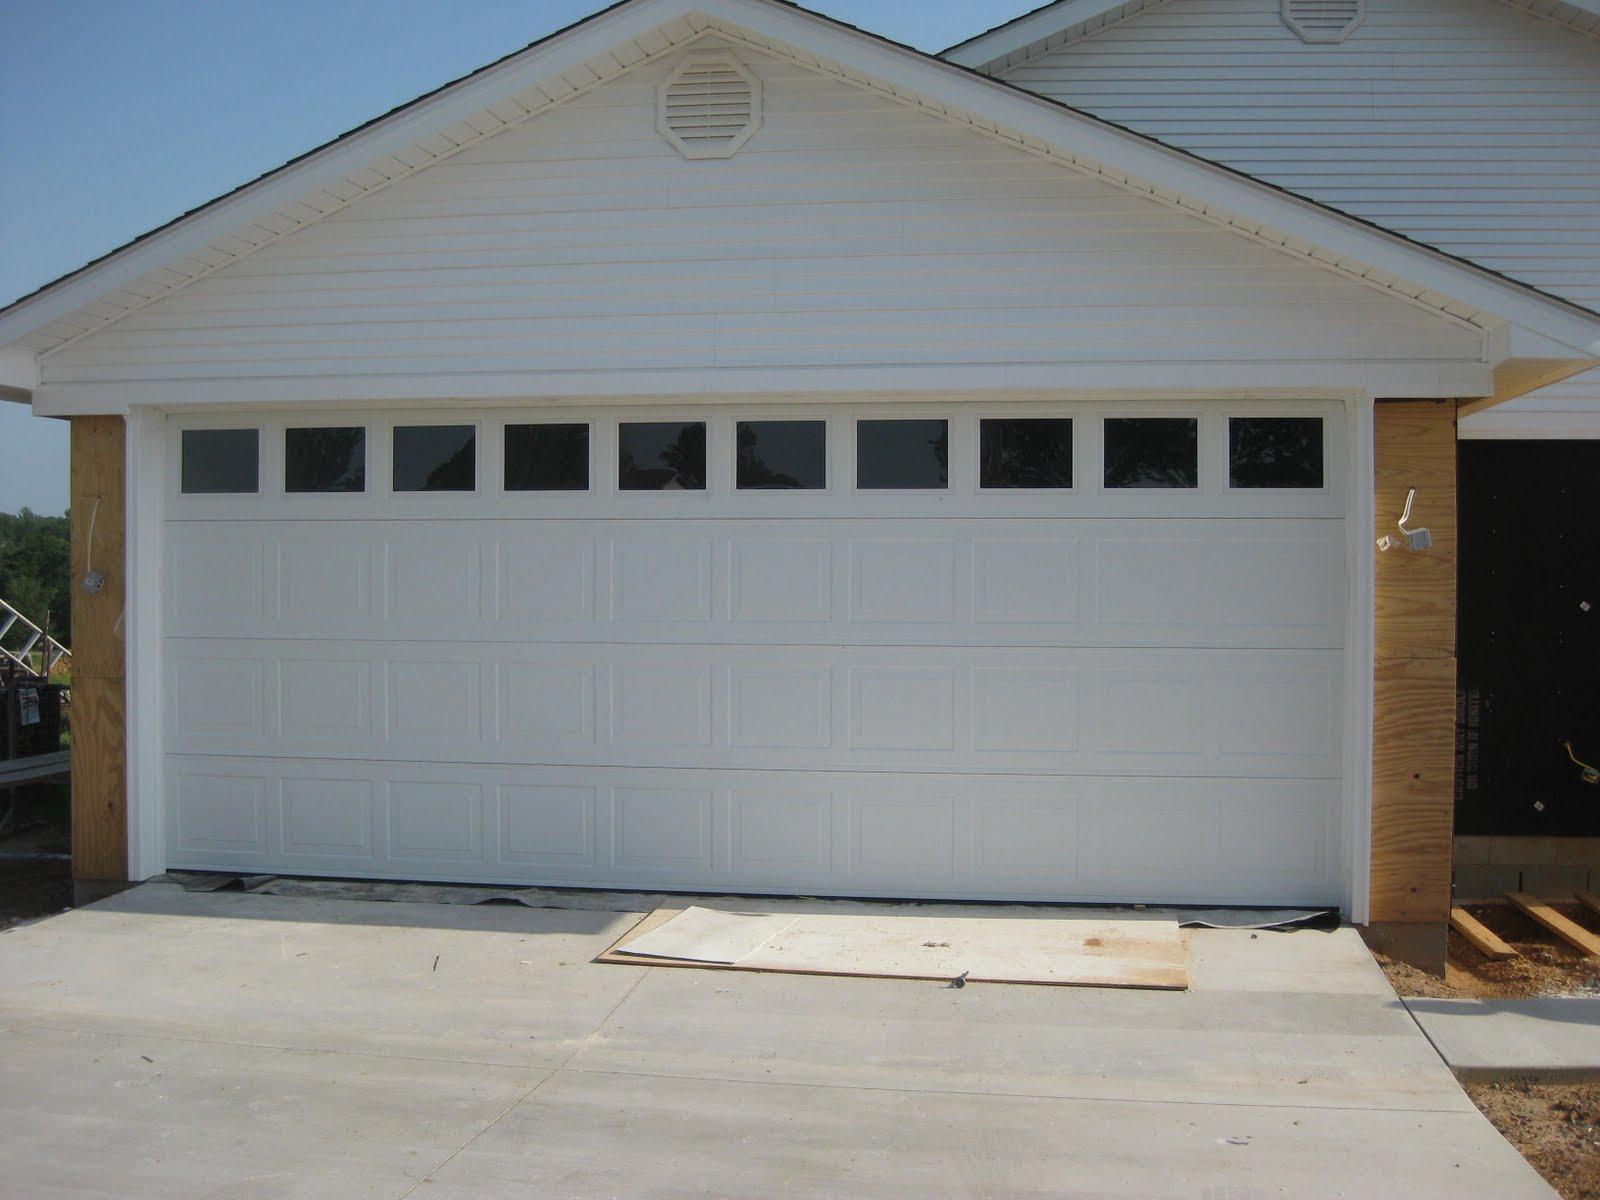 Best Garage Paint Color Best Garage Painting Ideas Bright